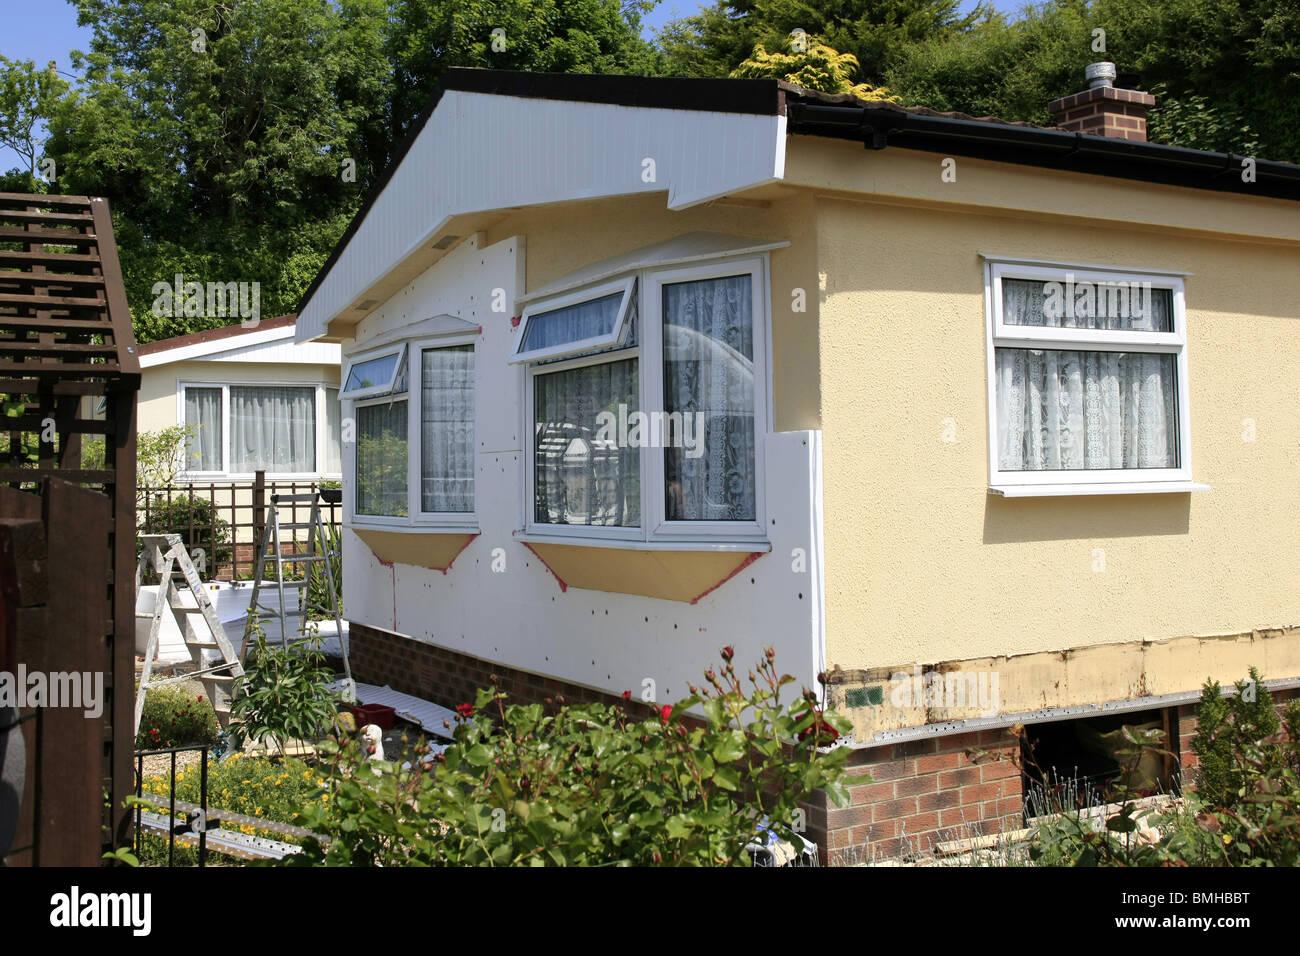 Ein Haus Mit Einem Neuen Polystyrol Dammung Pack Auf Den Aussenwanden